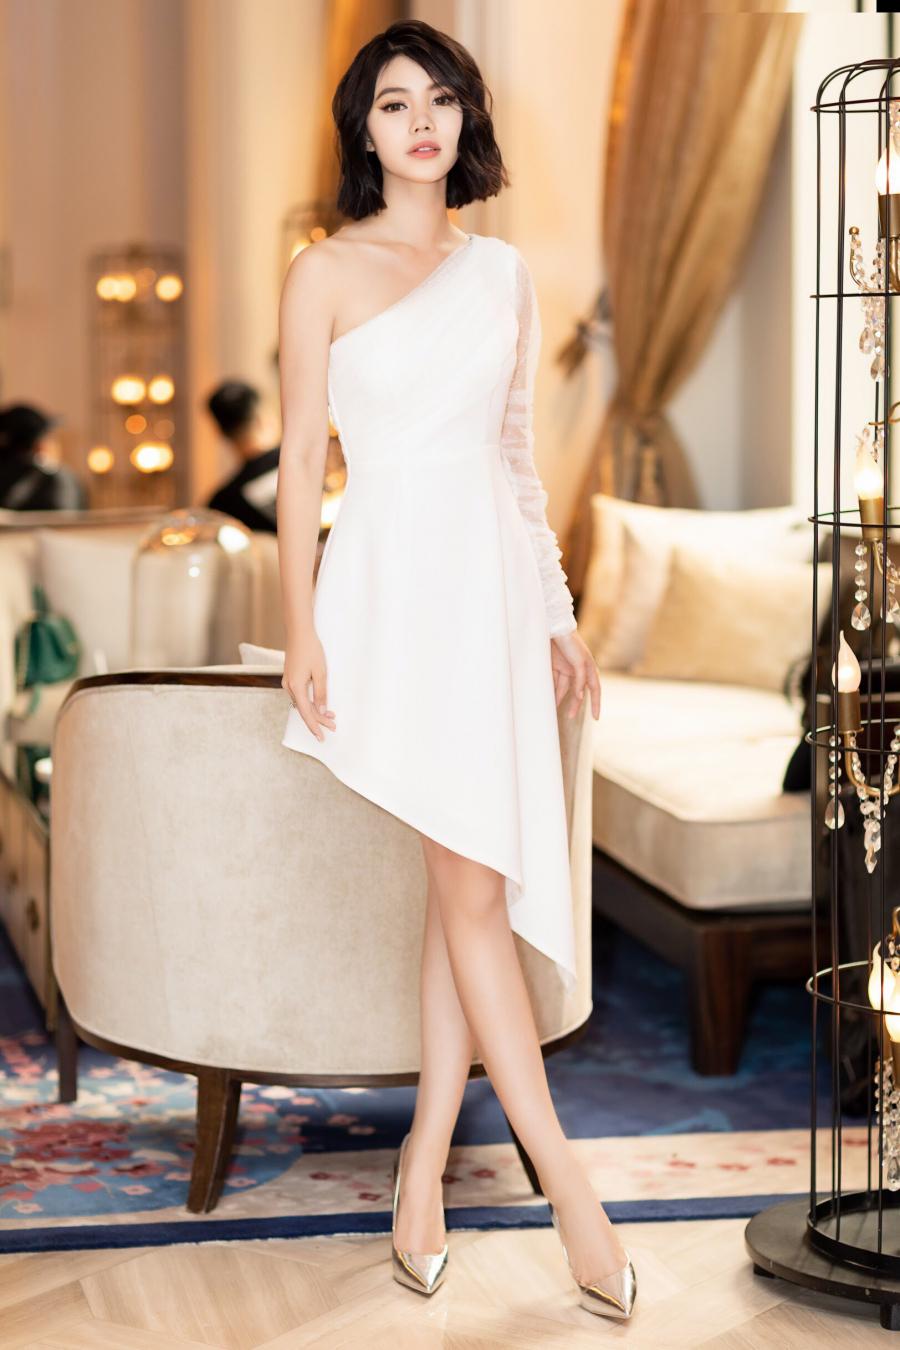 Là một trong những Hoa hậu không tiếc tiền đầu tư cho mỗi lần xuất hiện, Jolie Nguyễn luôn thu hút đông đảo sự chú ý từ những ai có mặt. Đặc biệt lần này, mái tóc ngắn cá tính cũng là chi tiết đặc biệt giúp cô càng trở nên cá tính hơn, thay cho vẻ mong manh, dịu dàng thường thấy. (kenh14)